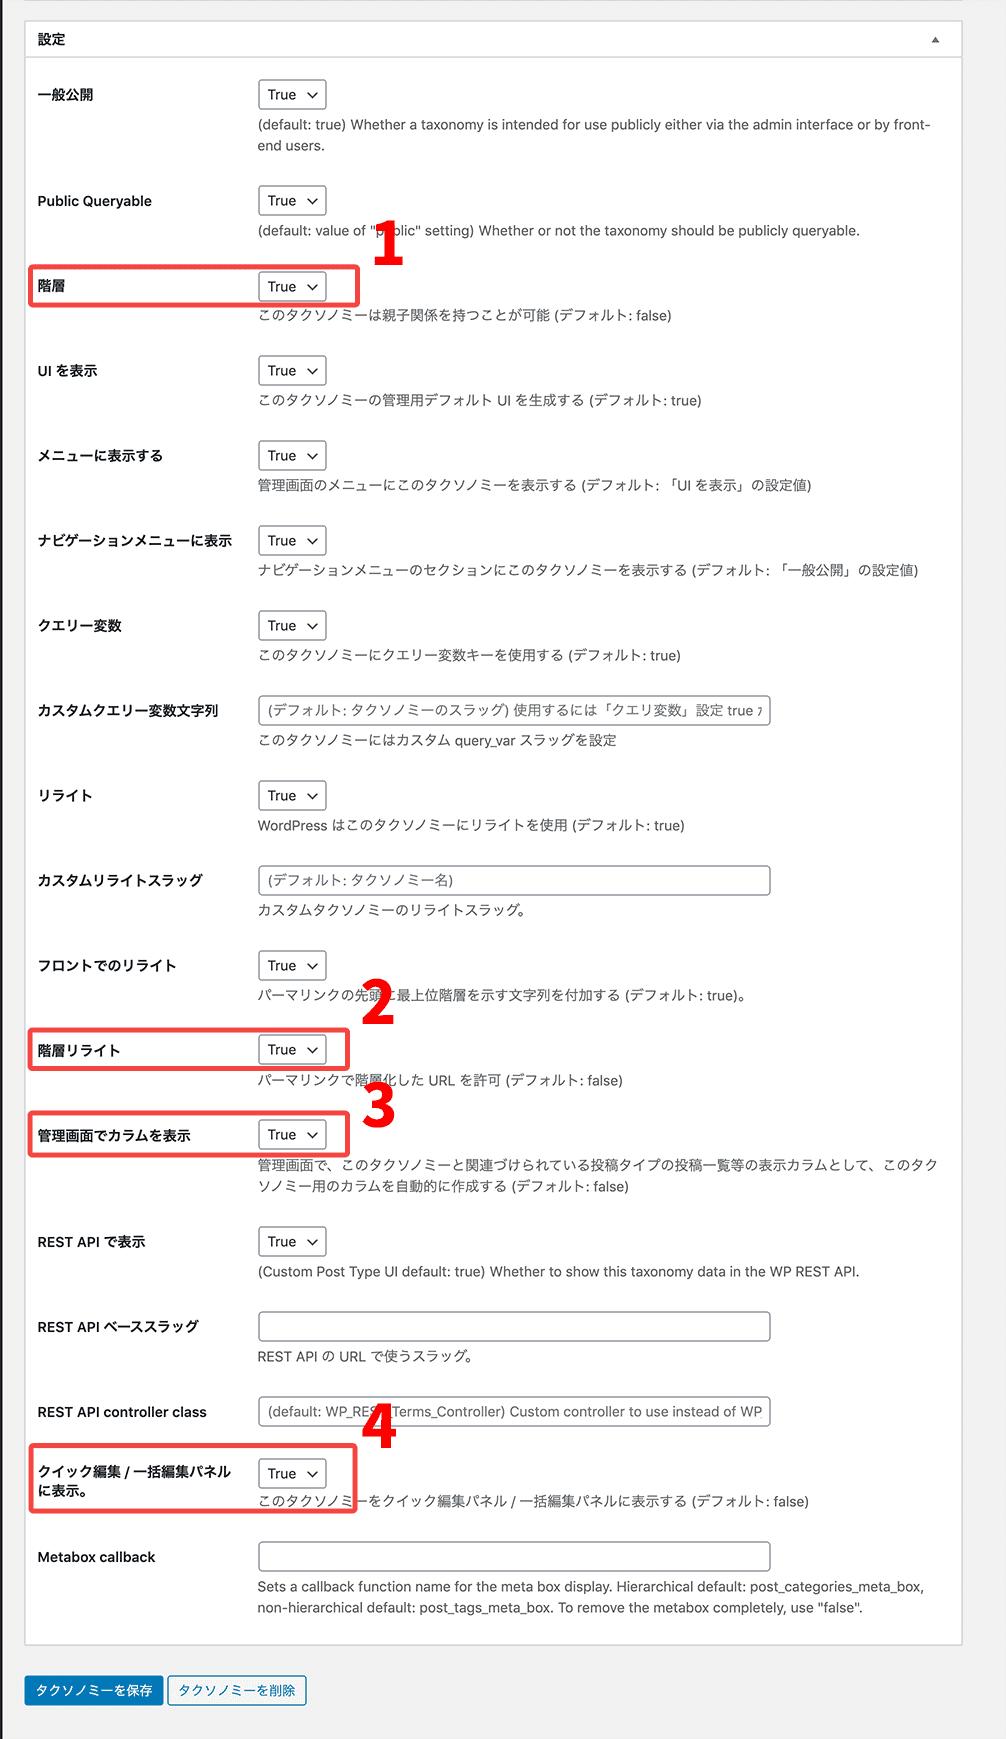 カスタム投稿タイプの設定